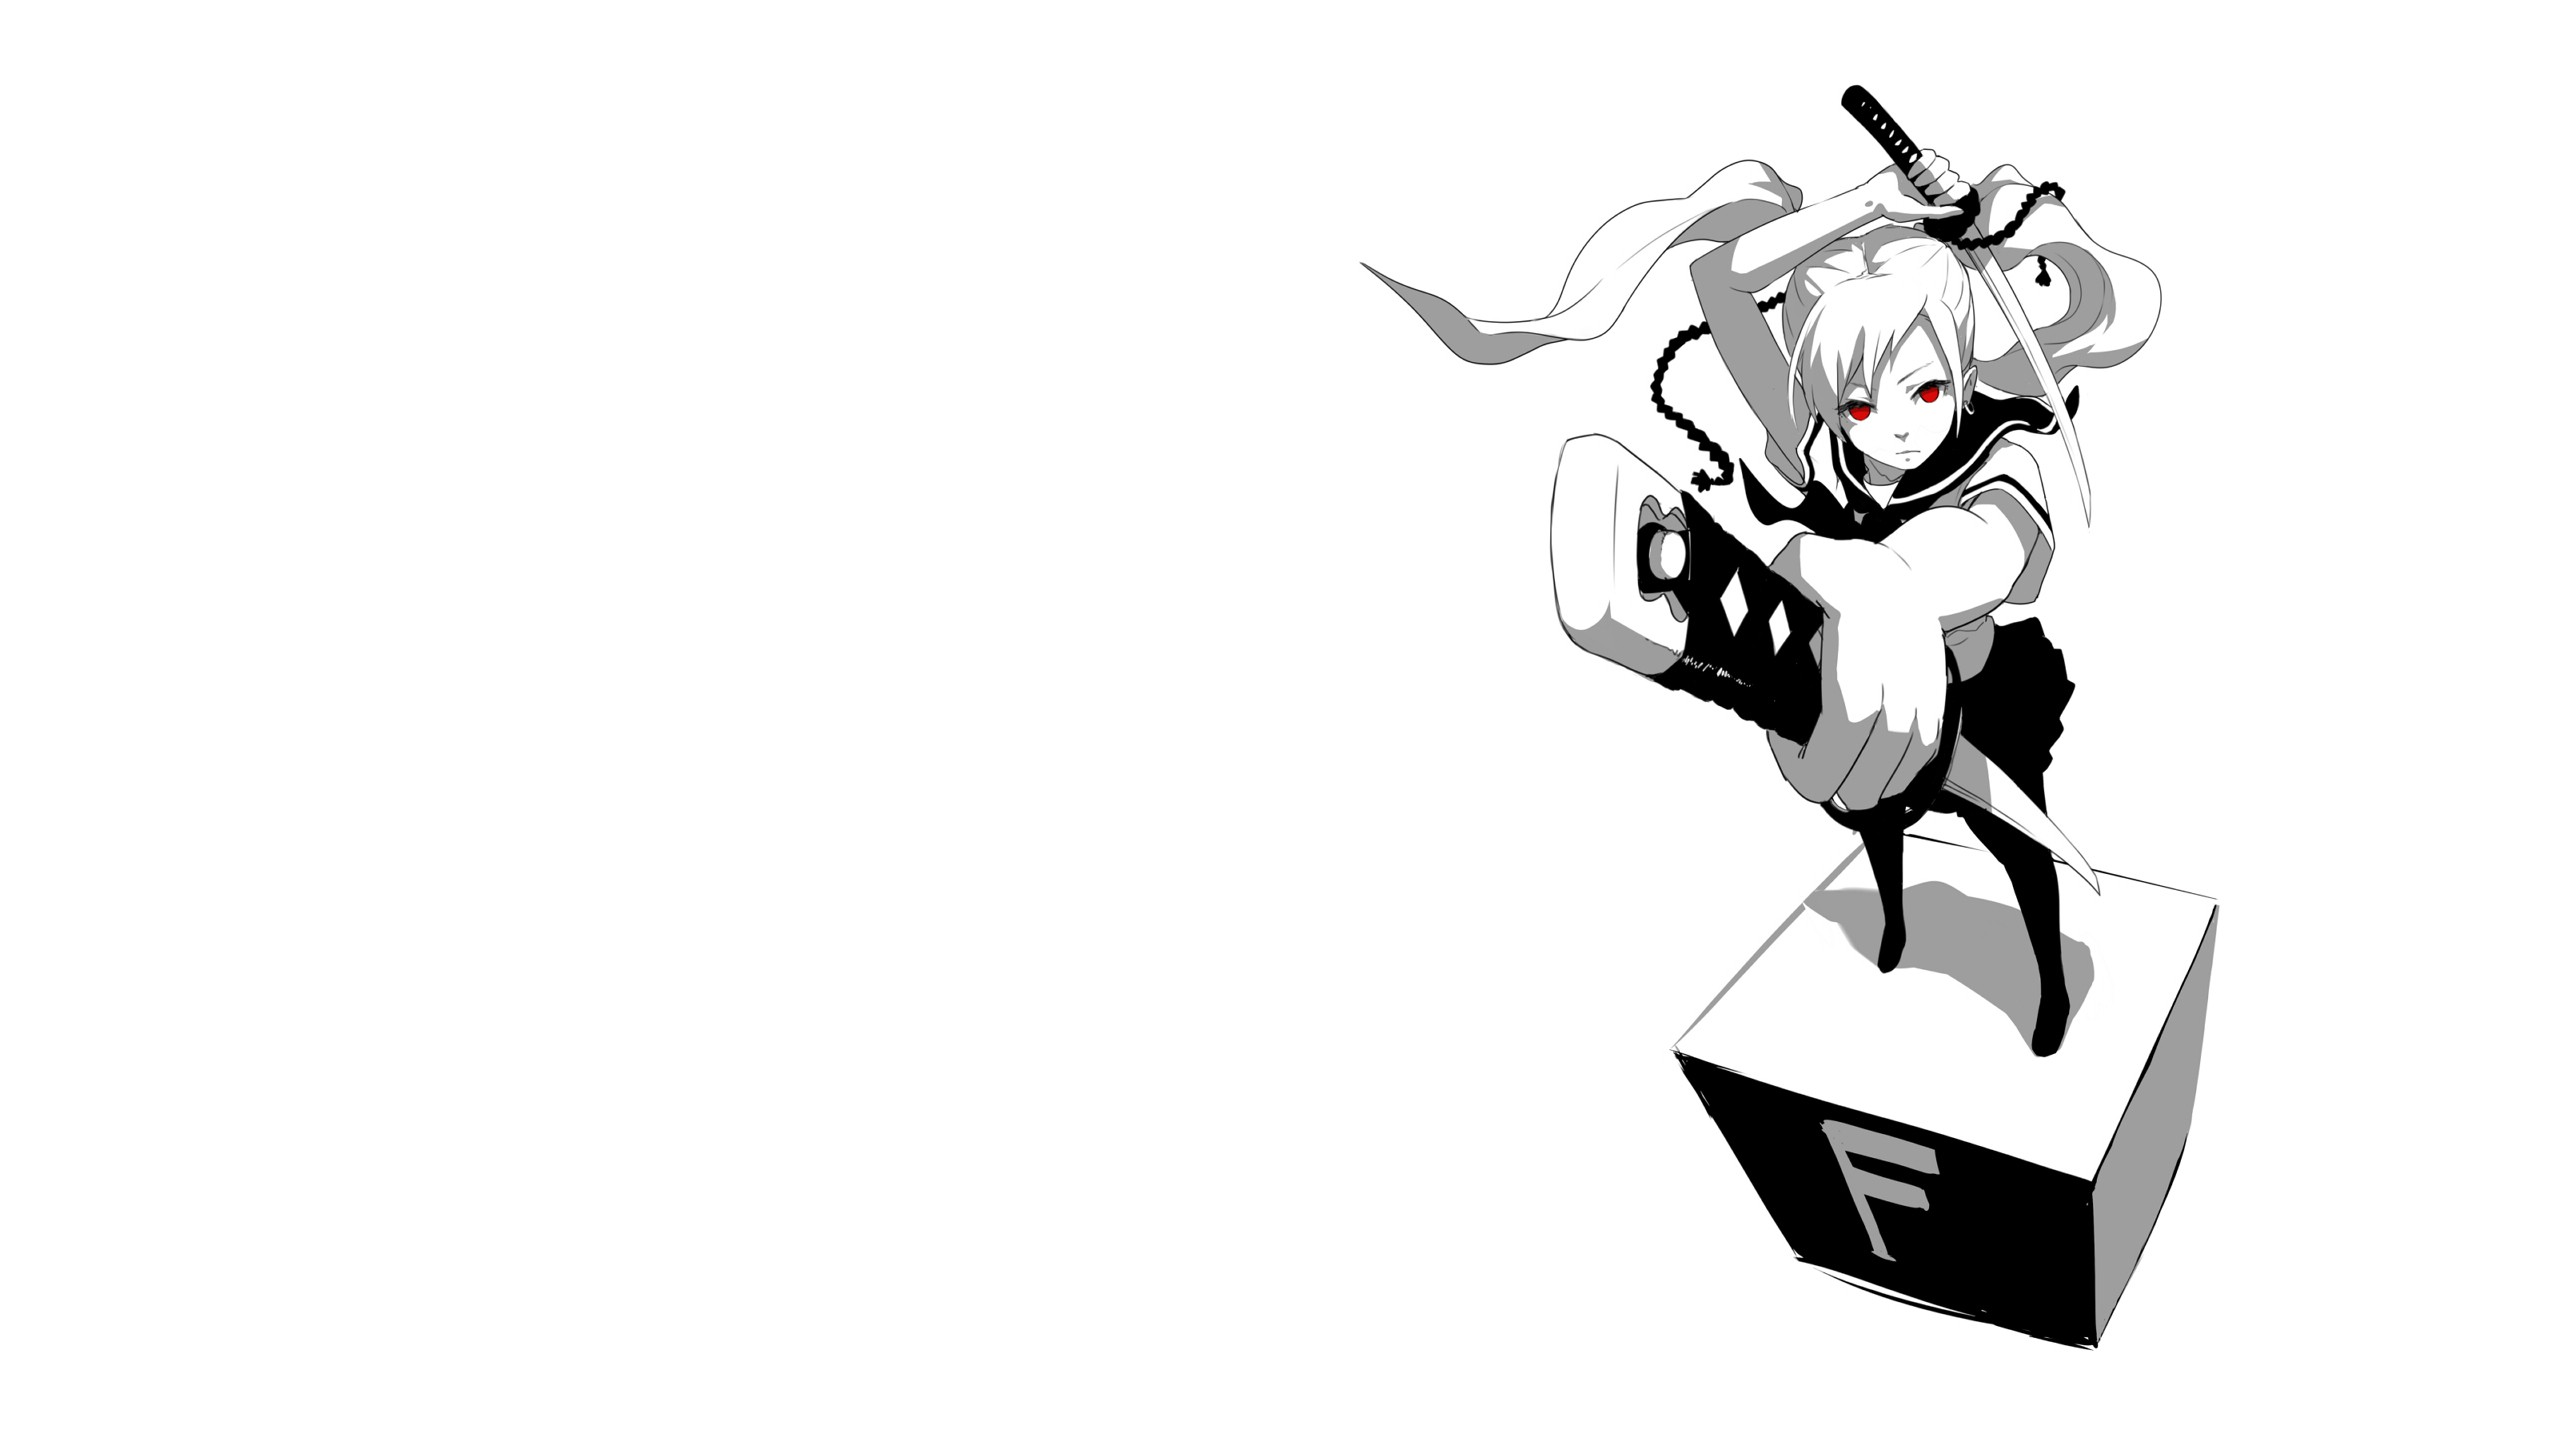 Hình nền đen trắng anime đẹp